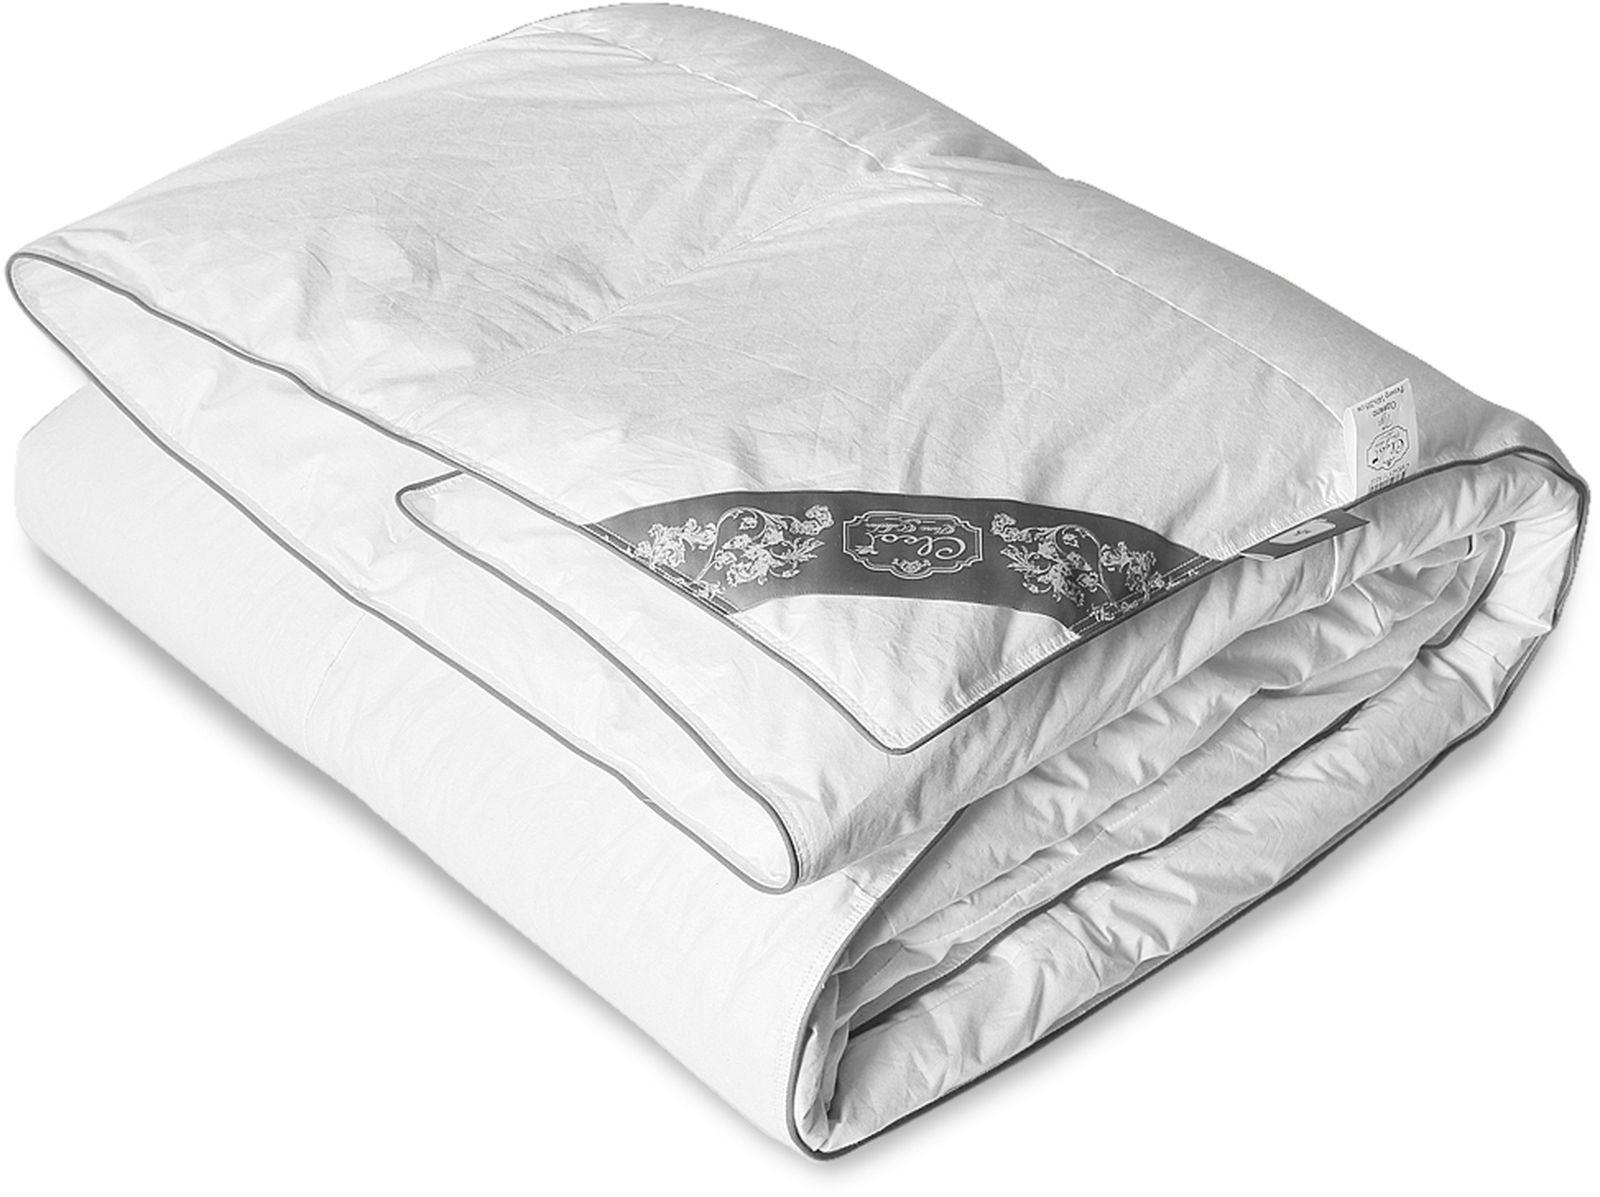 Одеяло Cleo Пух Comfort, наполнитель: пух, белый, 172 х 205 см